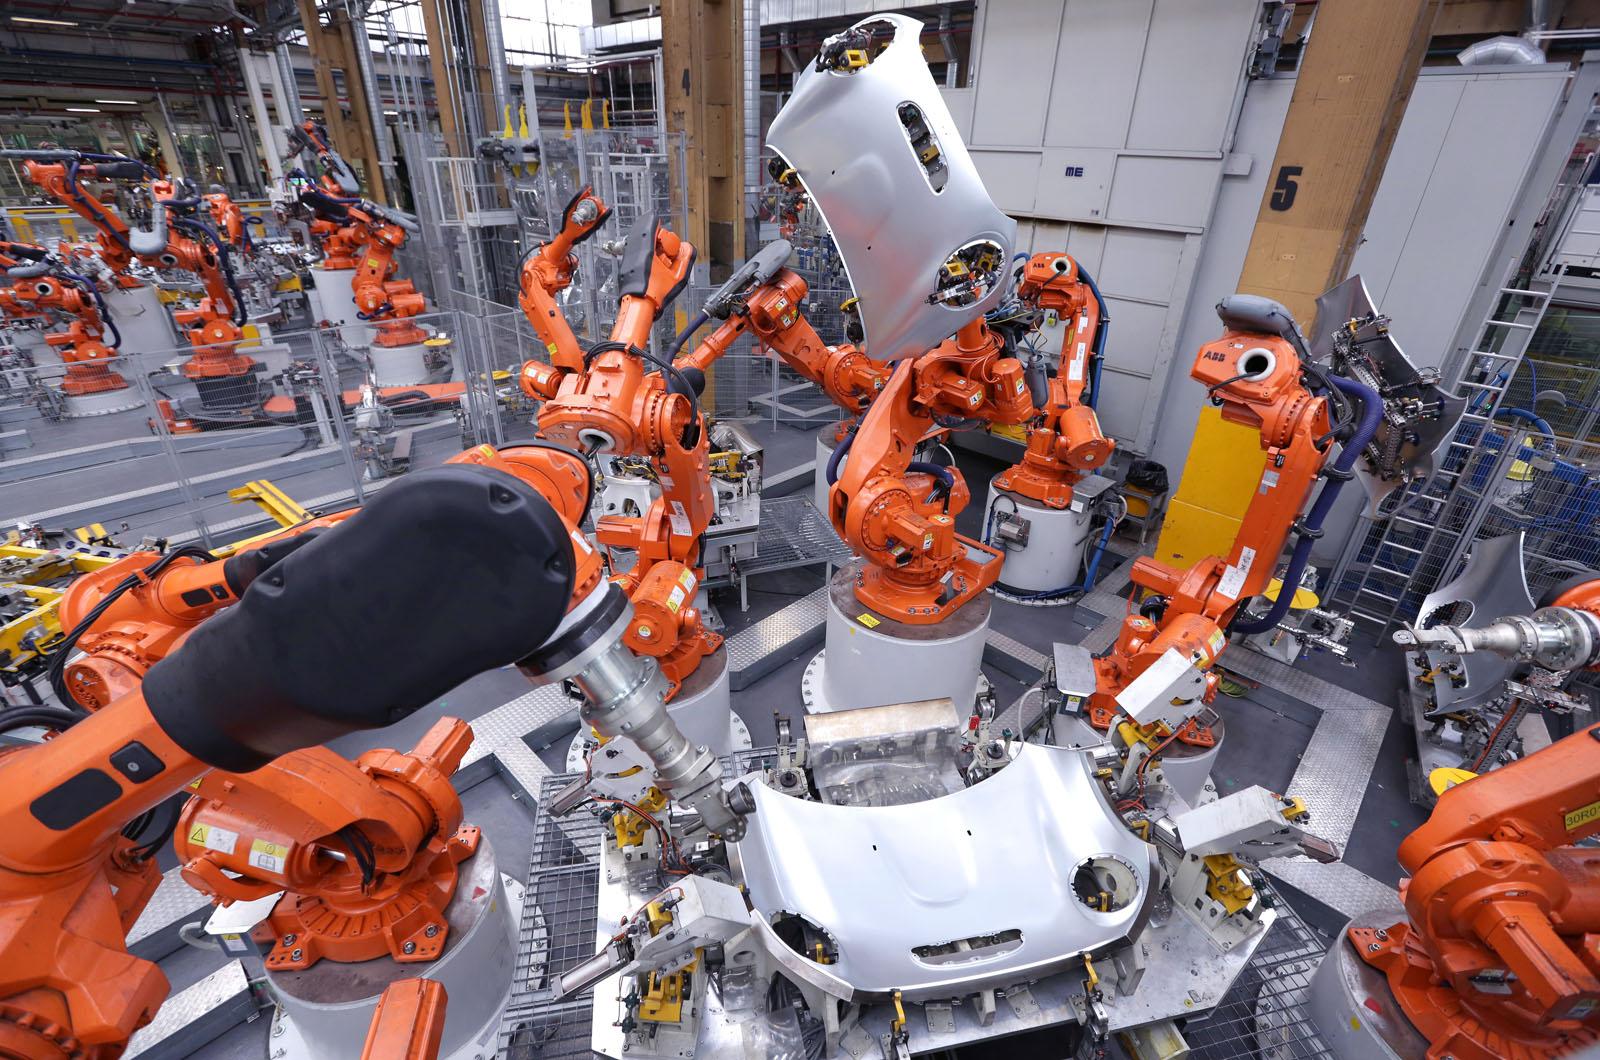 Британская автомобильная промышленность: правительство должно обеспечить временное соглашение ЕС, чтобы избежать краха «обрыва»